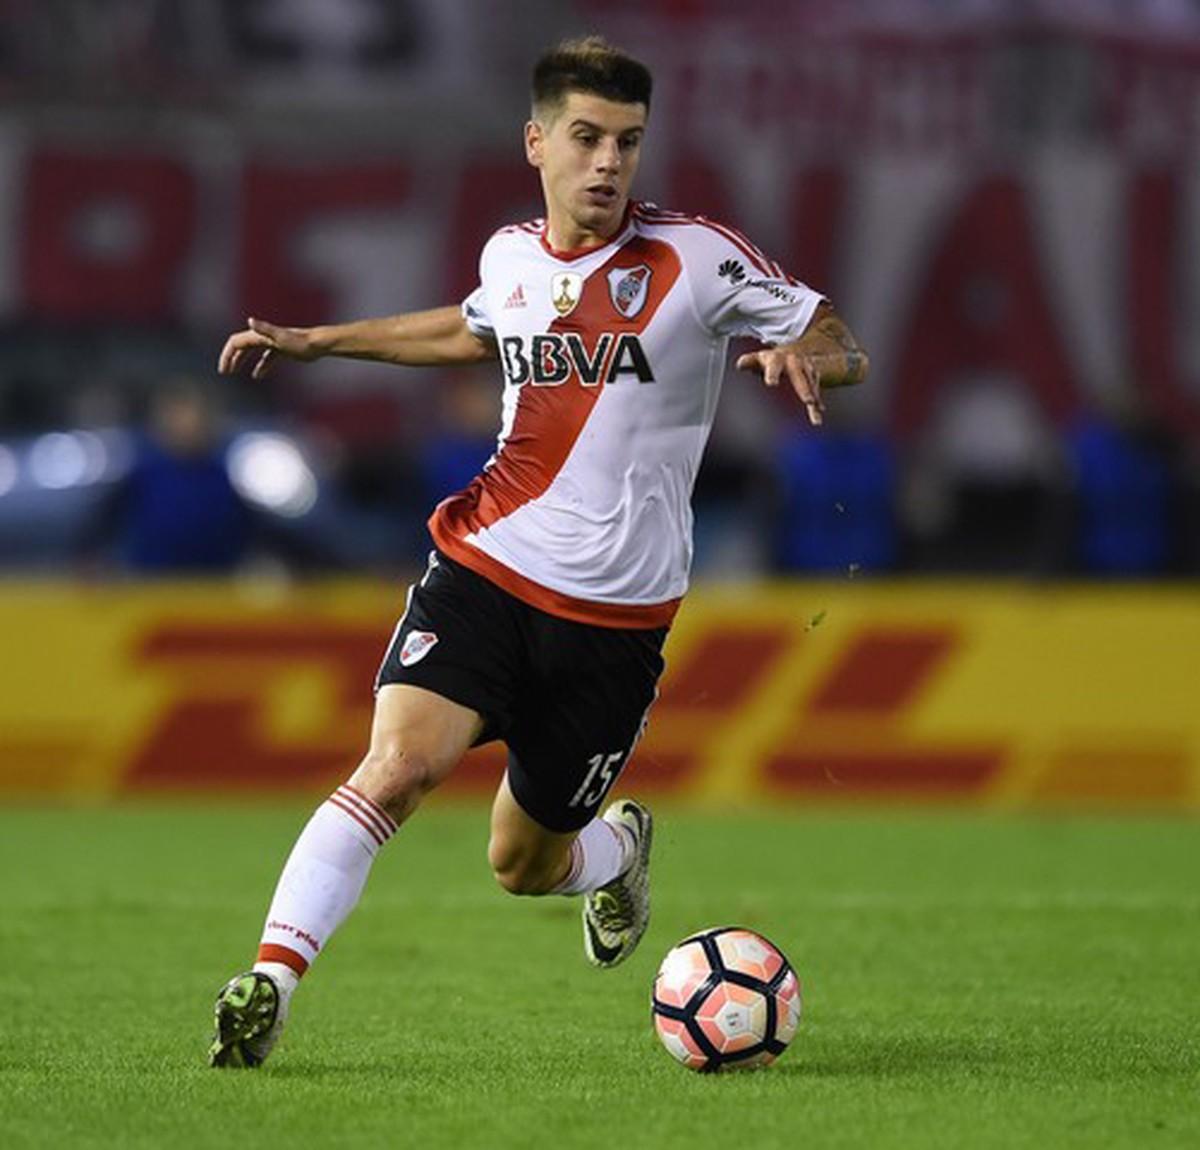 861d3a5a75 Tomás Andrade viaja para concluir negociação e fechar com o Atlético ...